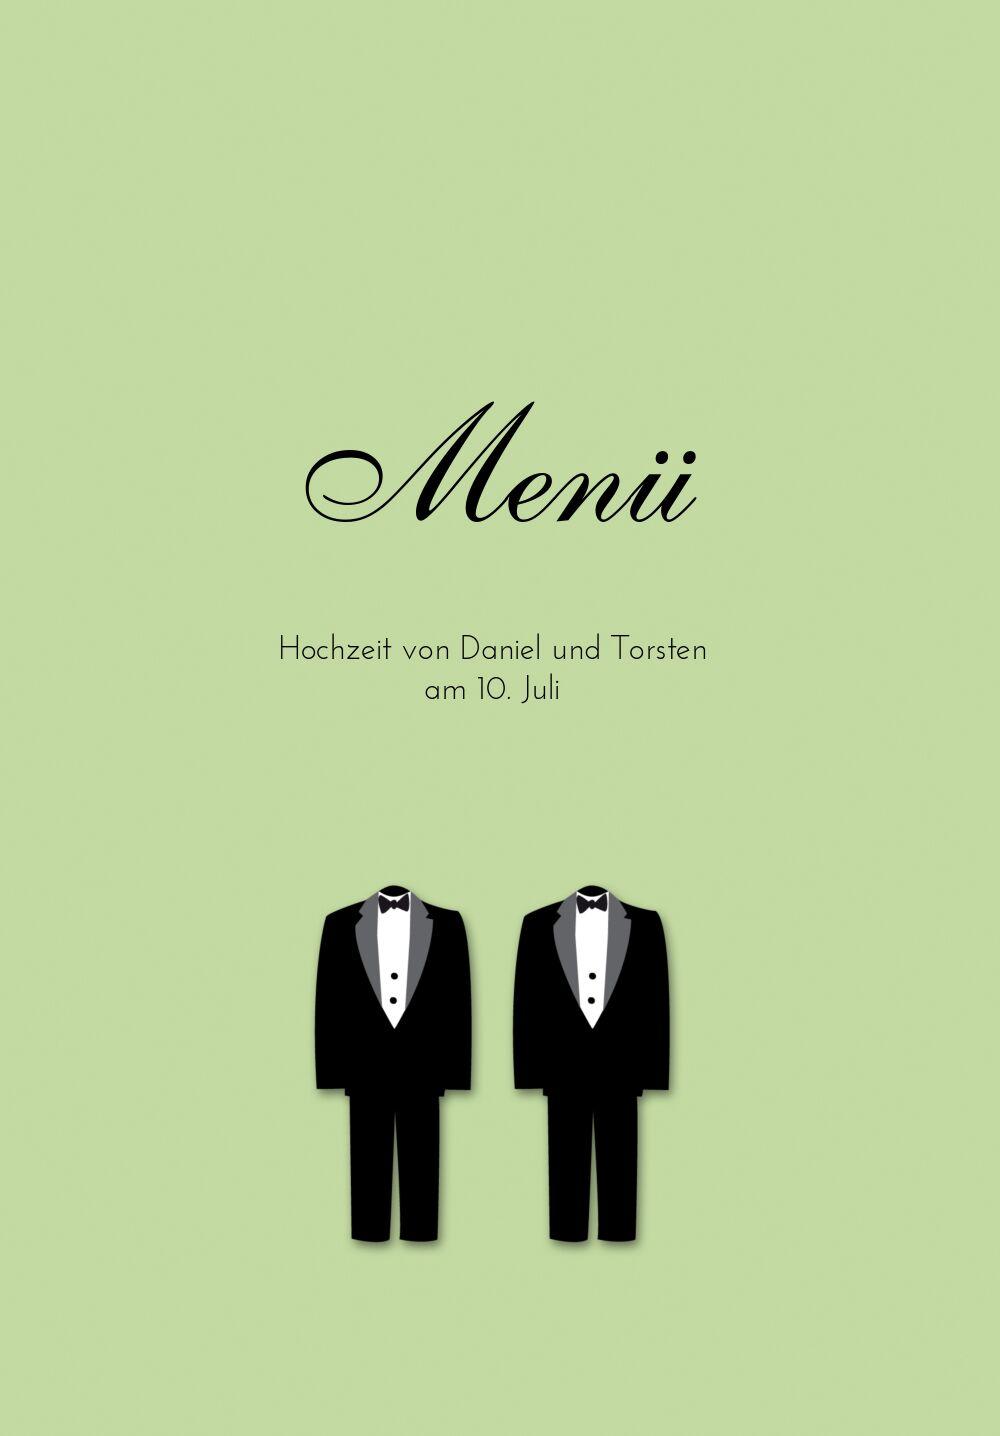 Ansicht 3 - Hochzeit Menükarte suits